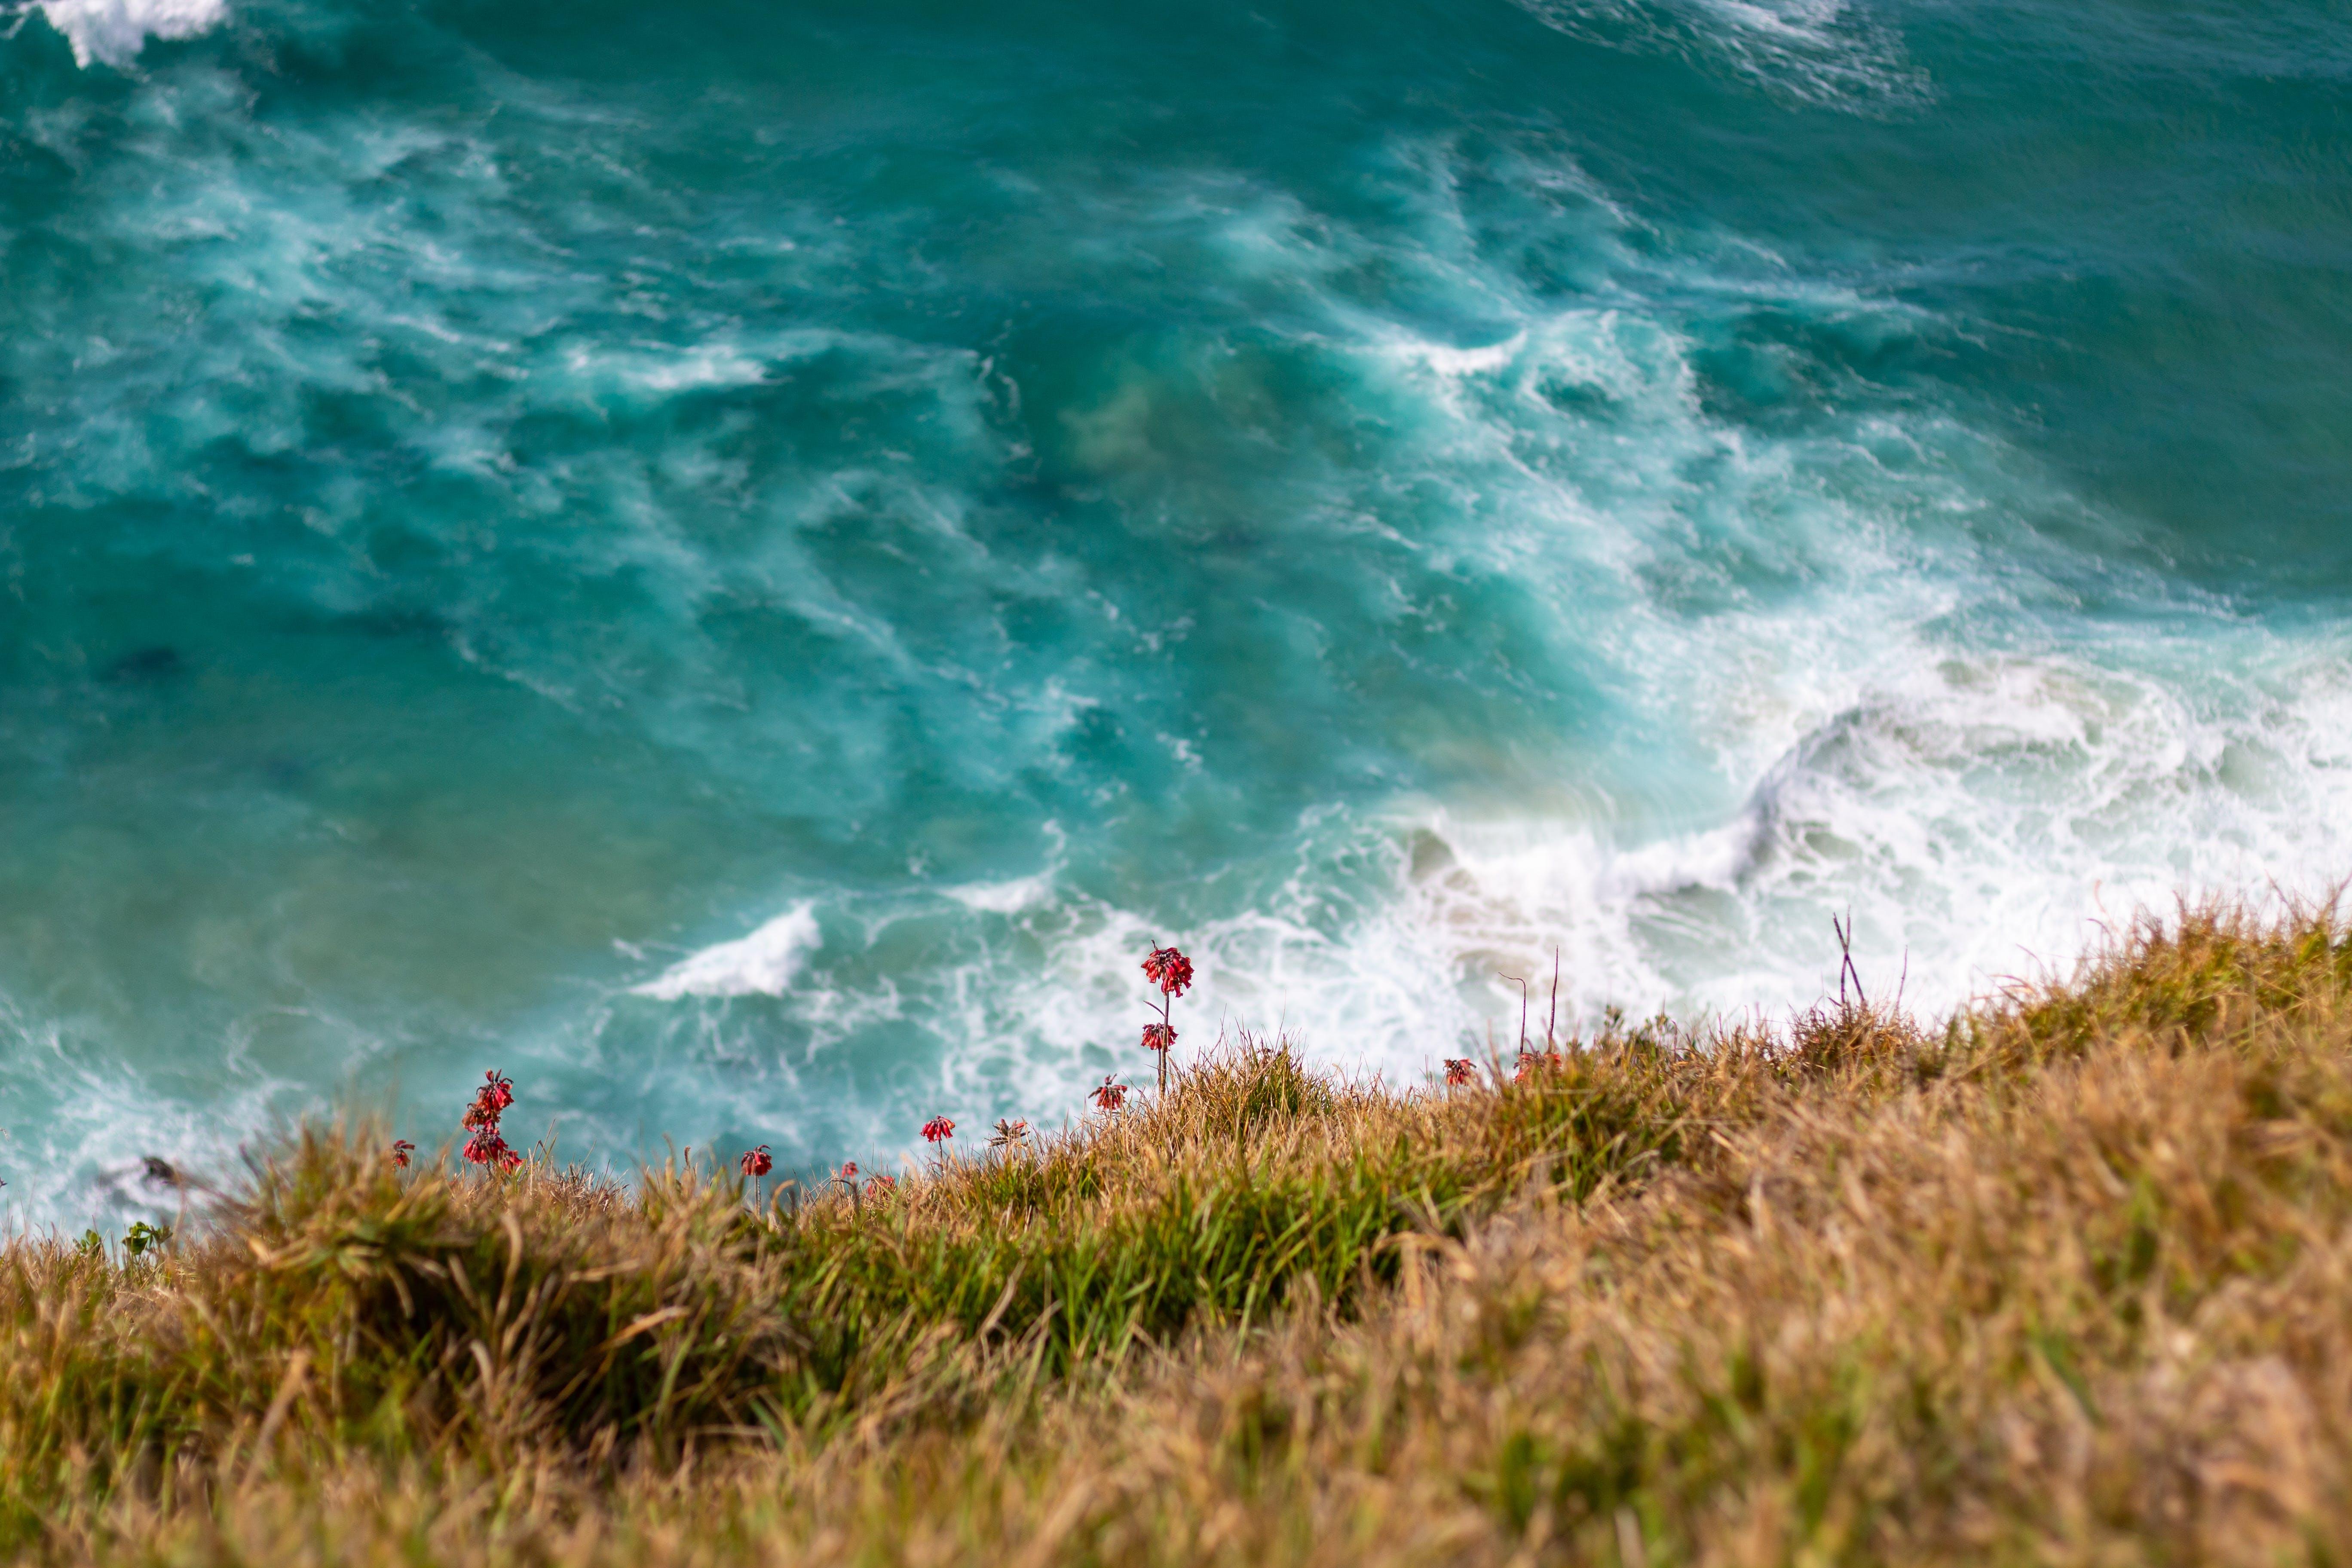 Gratis arkivbilde med blomster, bølger, fredelig, gress